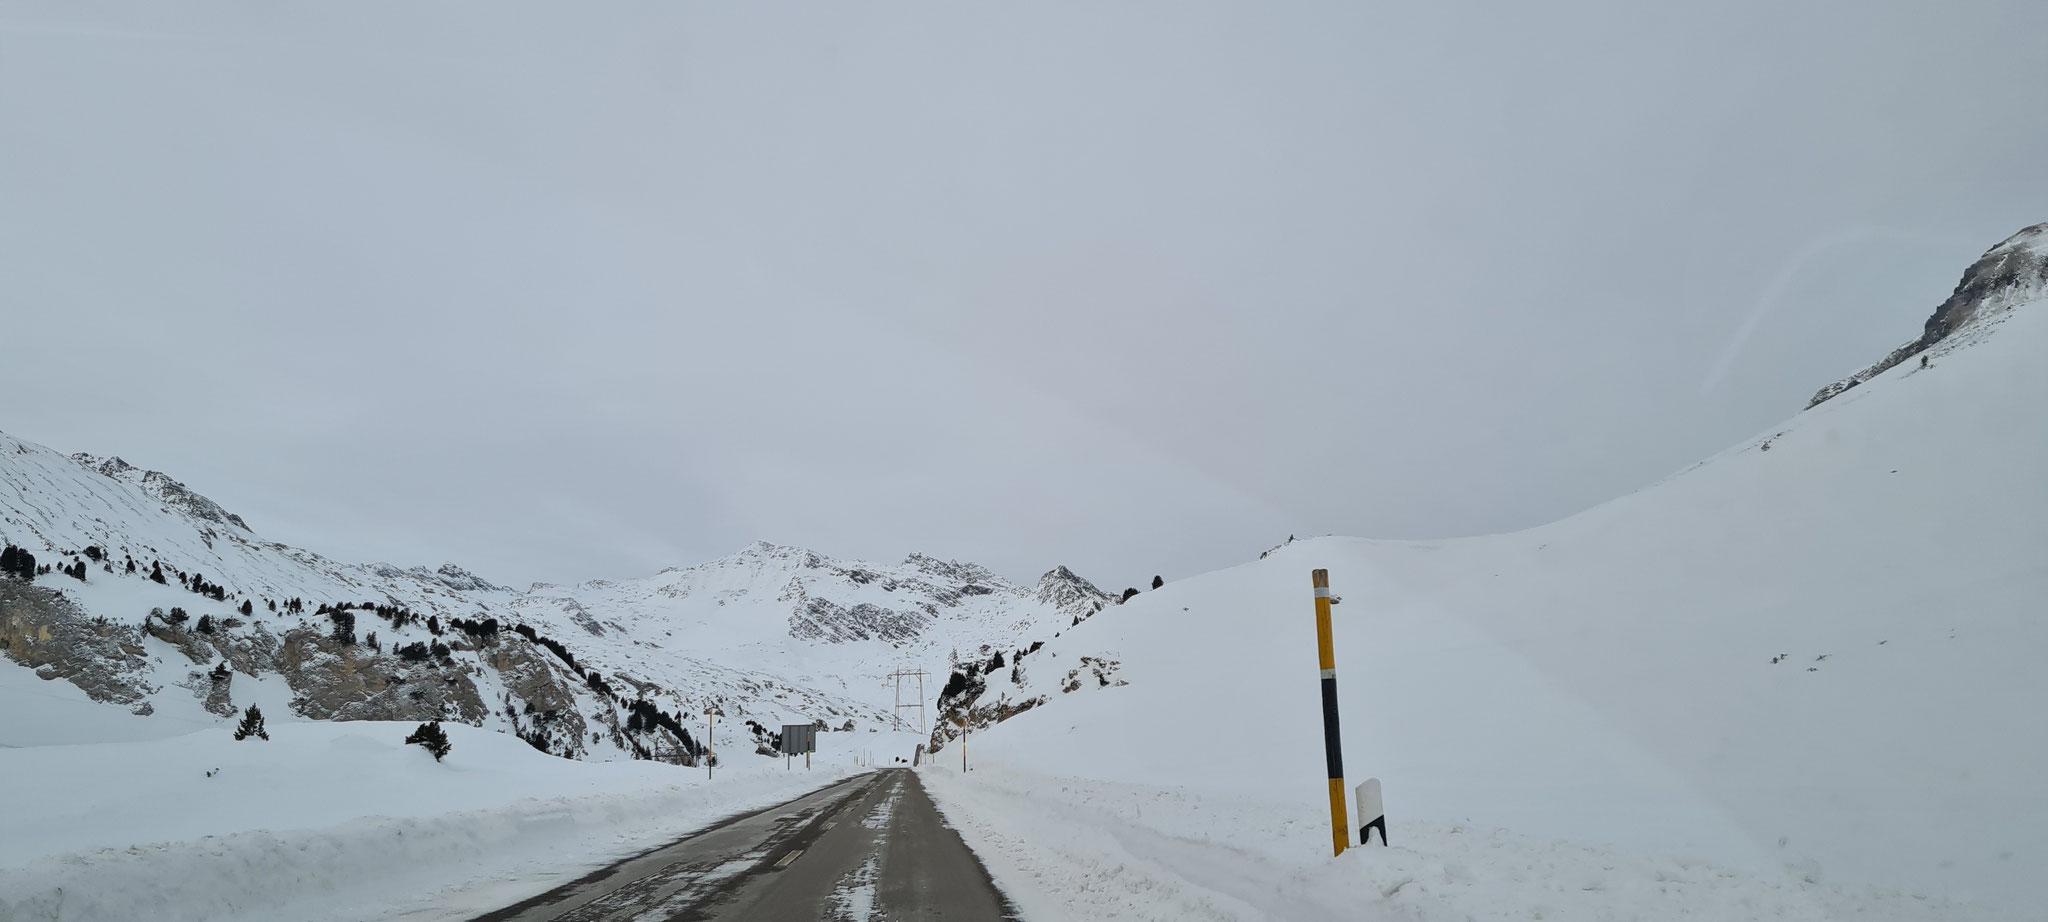 ...aber wo sind nun die schneebedeckten Strassen?